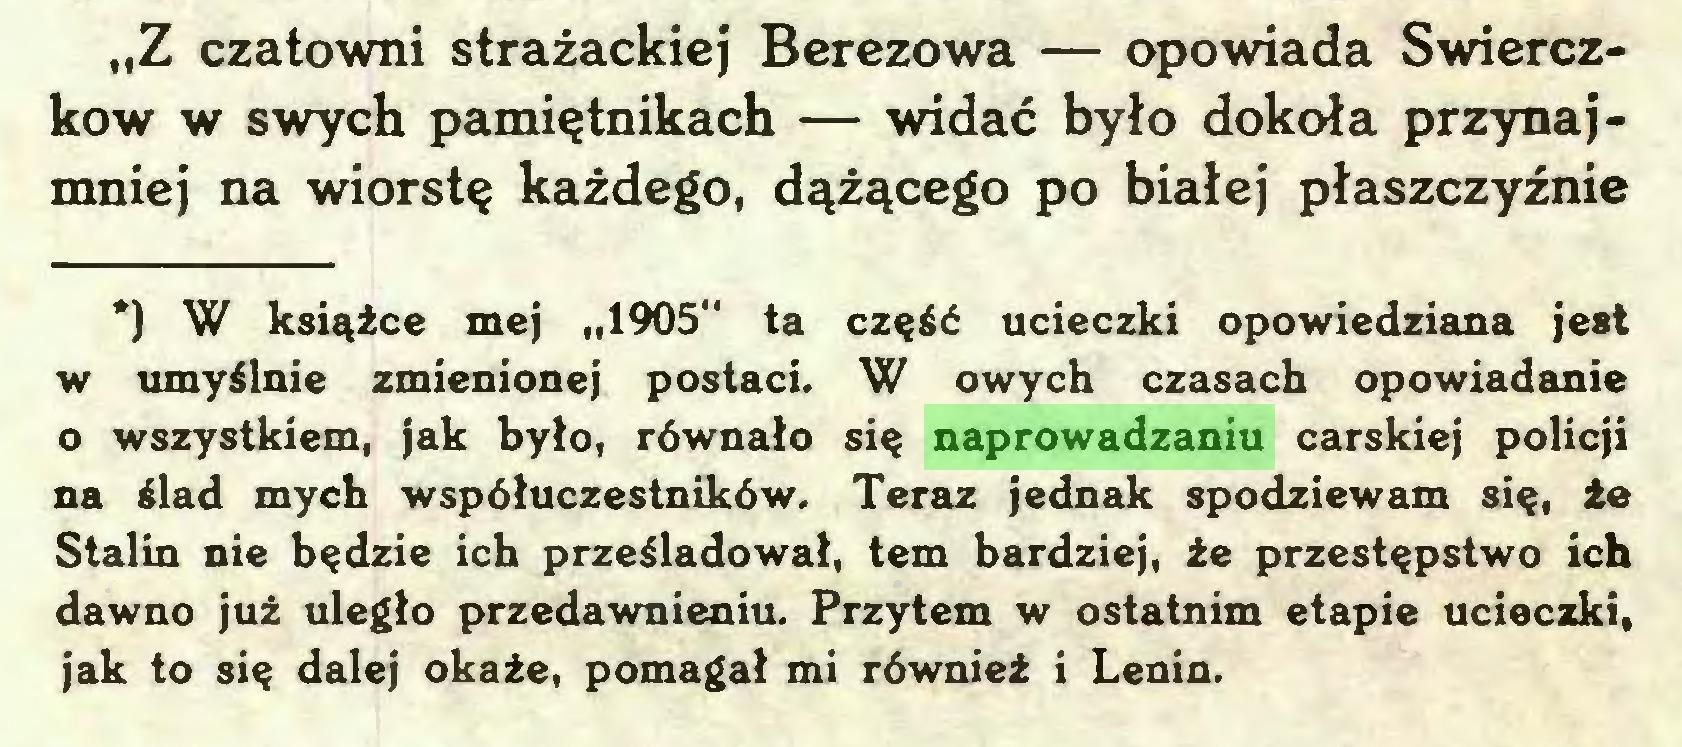 """(...) """"Z czatowni strażackiej Berezowa — opowiada Swierczkow w swych pamiętnikach — widać było dokoła przynajmniej na wiorstę każdego, dążącego po białej płaszczyźnie *) W książce mej """"1905"""" ta część ucieczki opowiedziana jest w umyślnie zmienionej postaci. W owych czasach opowiadanie o wszystkiem, jak było, równało się naprowadzaniu carskiej policji na ślad mych współuczestników. Teraz jednak spodziewam się, że Stalin nie będzie ich prześladował, tern bardziej, że przestępstwo ich dawno już uległo przedawnieniu. Przytem w ostatnim etapie ucieczki, jak to się dalej okaże, pomagał mi również i Lenin..."""